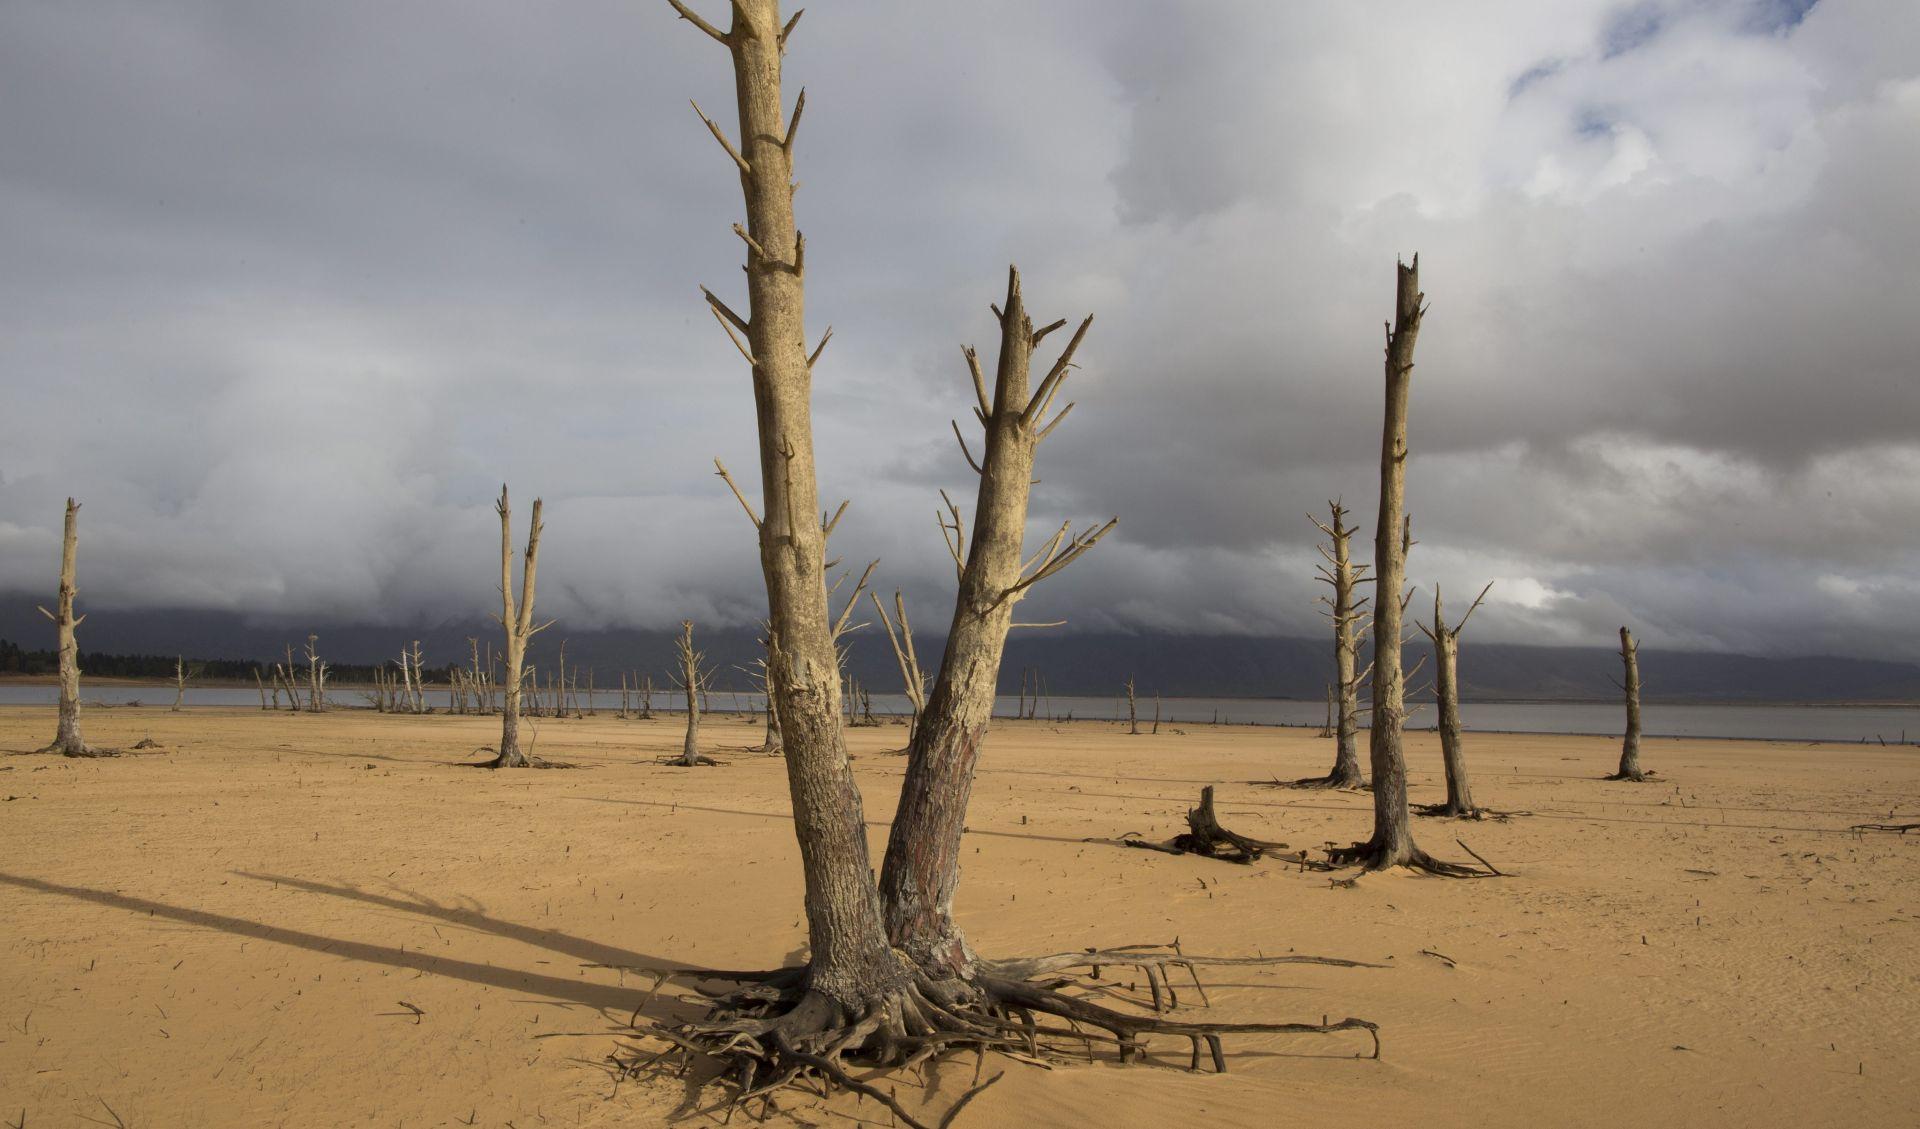 Proglašena nacionalna katastrofa zbog suše u Somaliji, glad prijeti 3 milijuna ljudi